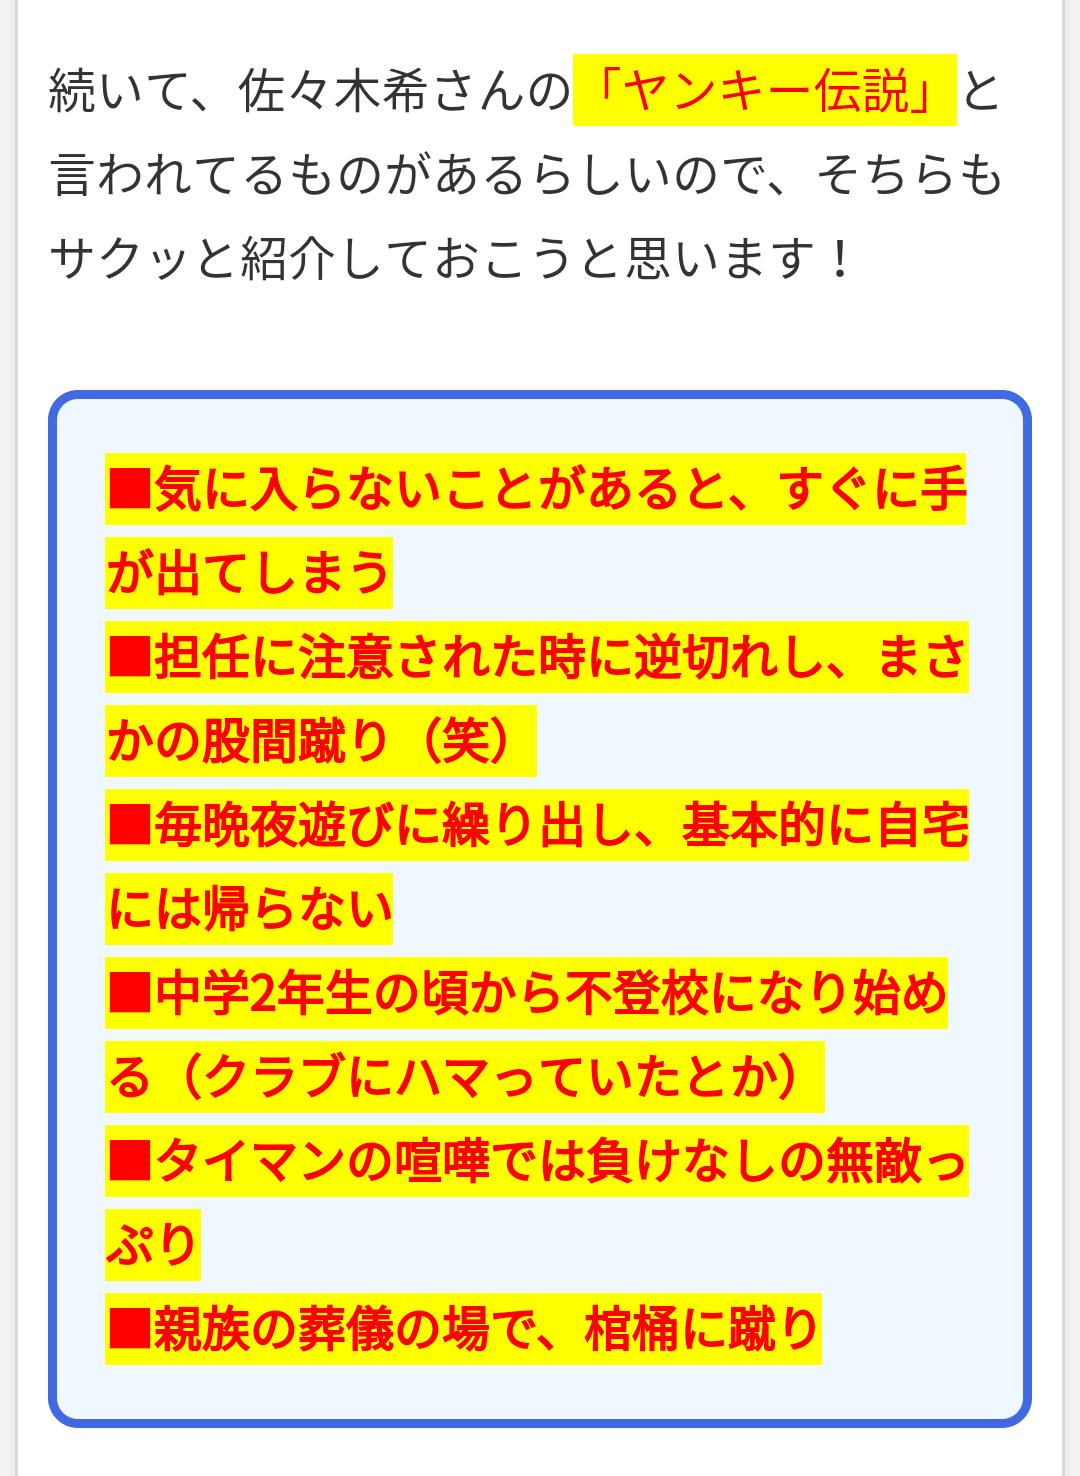 """伊藤綾子、佐々木希と奇妙な""""共通点""""…「元カノに対抗心?」と嵐ファンの批判再燃"""